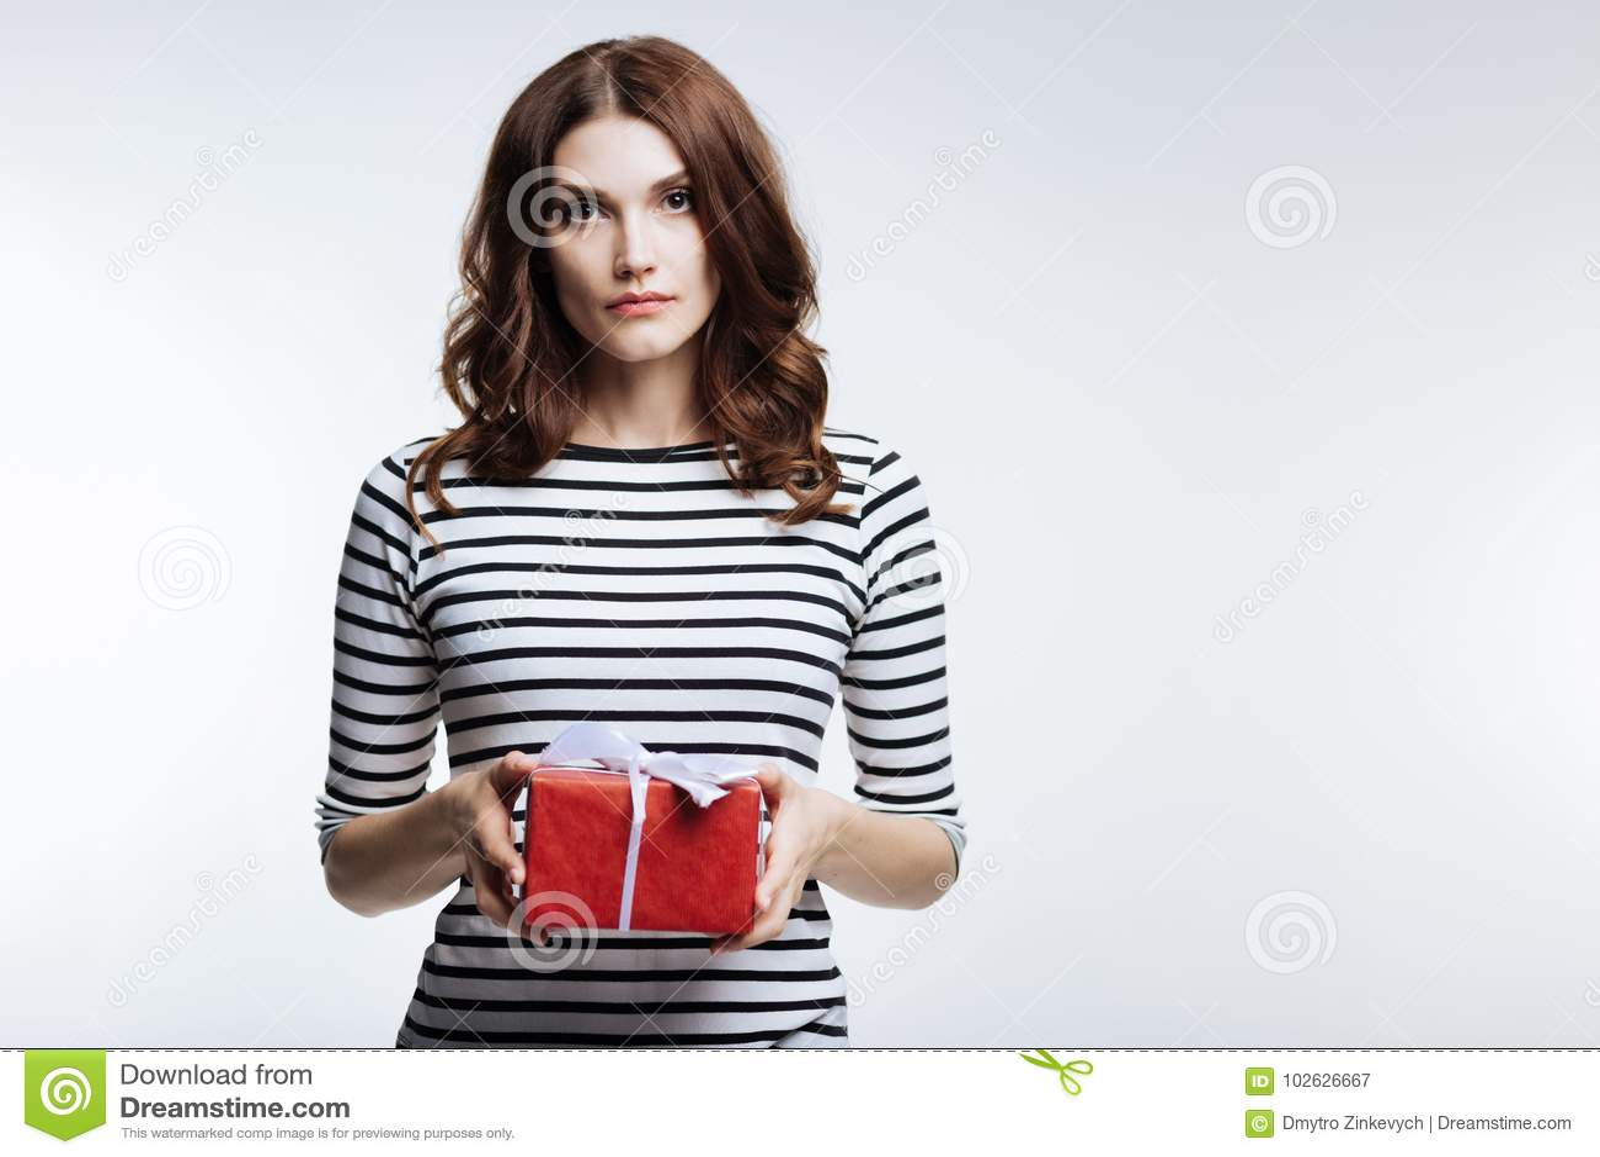 femme aux cheveux auburn magnifique tenant un boîte-cadeau image